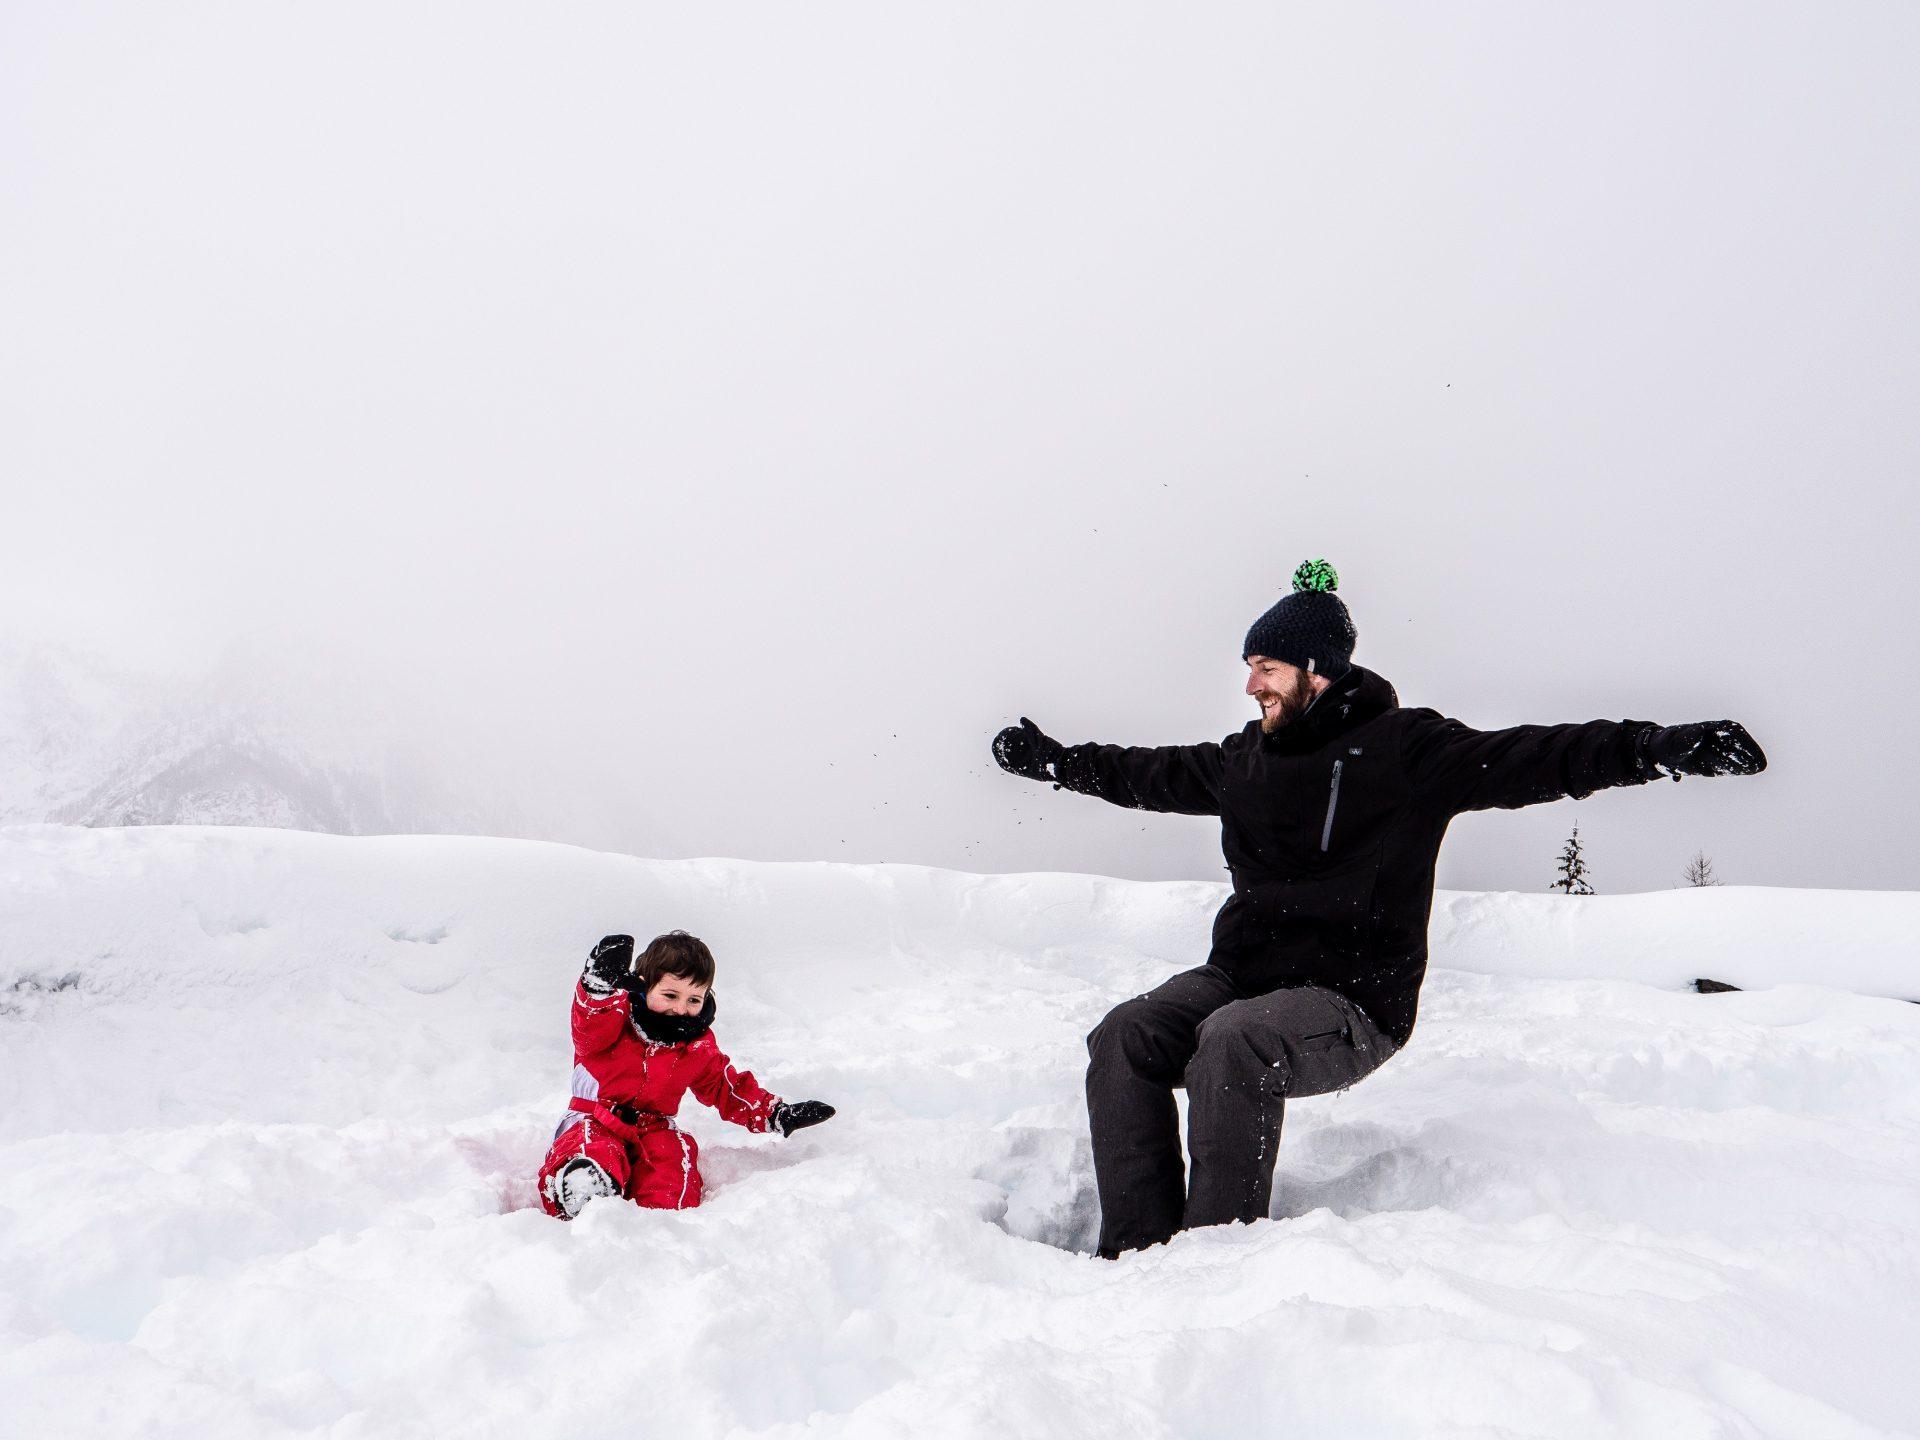 bataille de boules de neige à la station orcières merlette